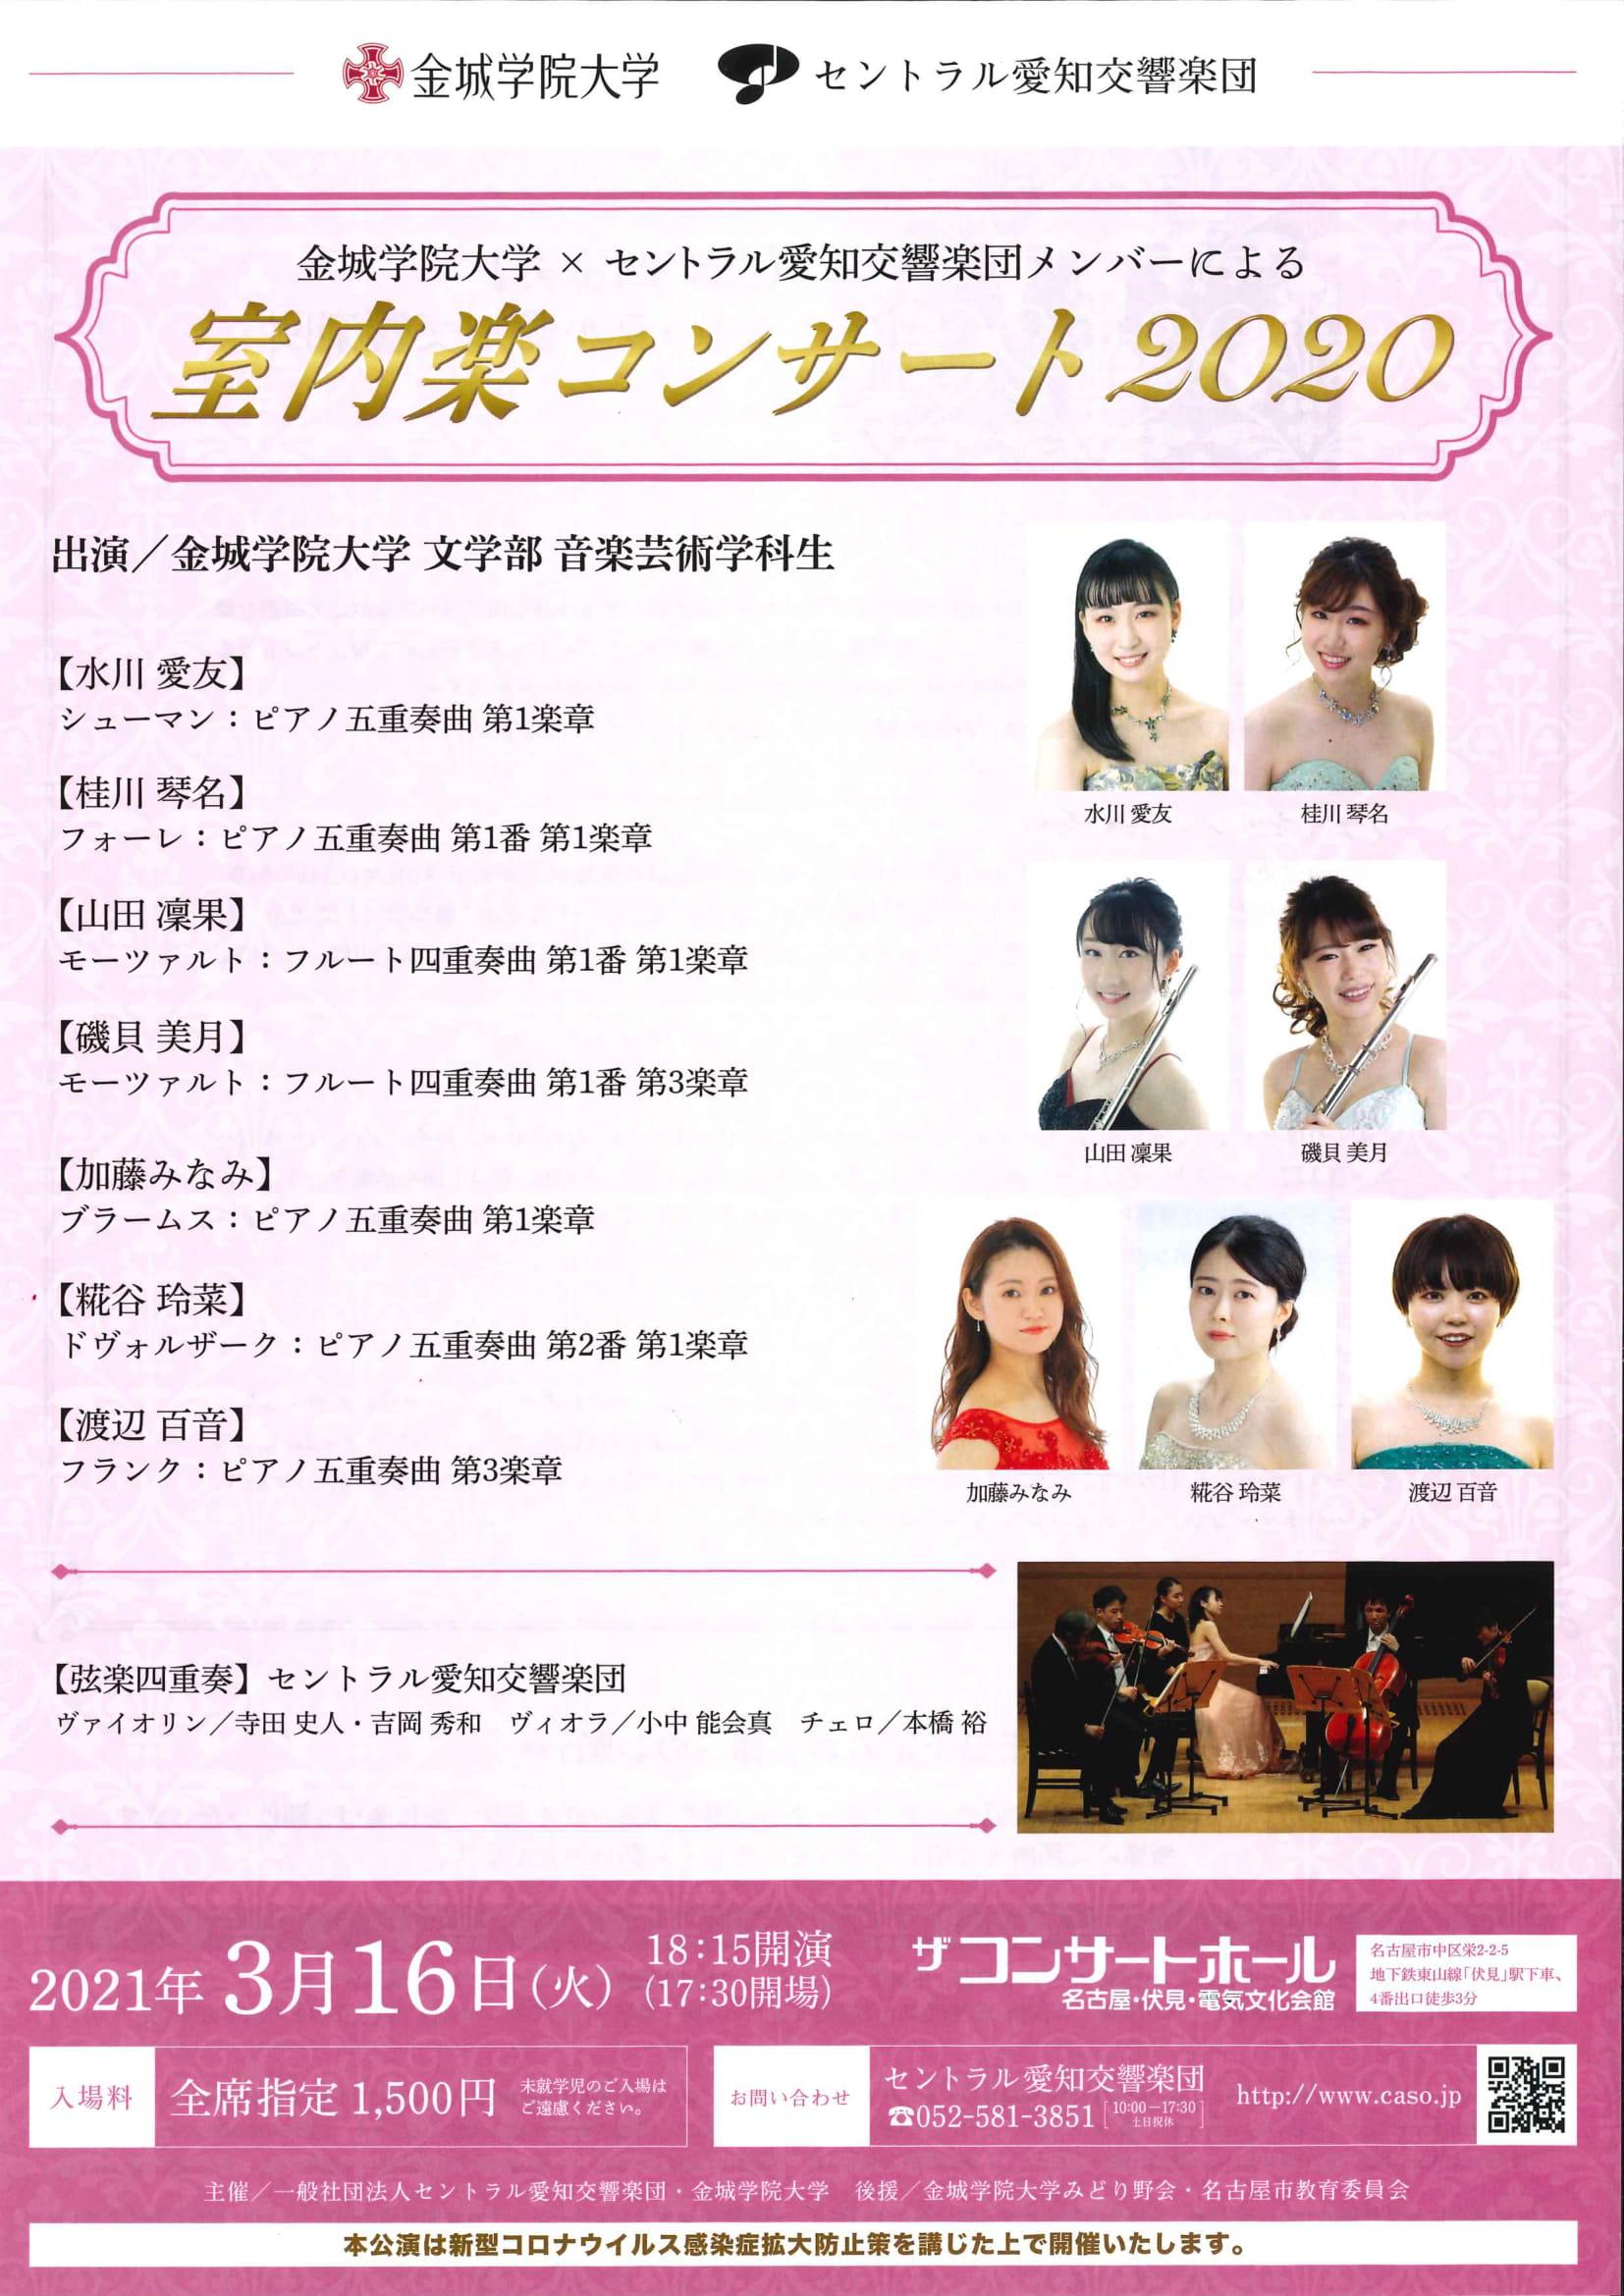 金城学院大学×セントラル愛知交響楽団メンバーによる室内楽コンサート2020